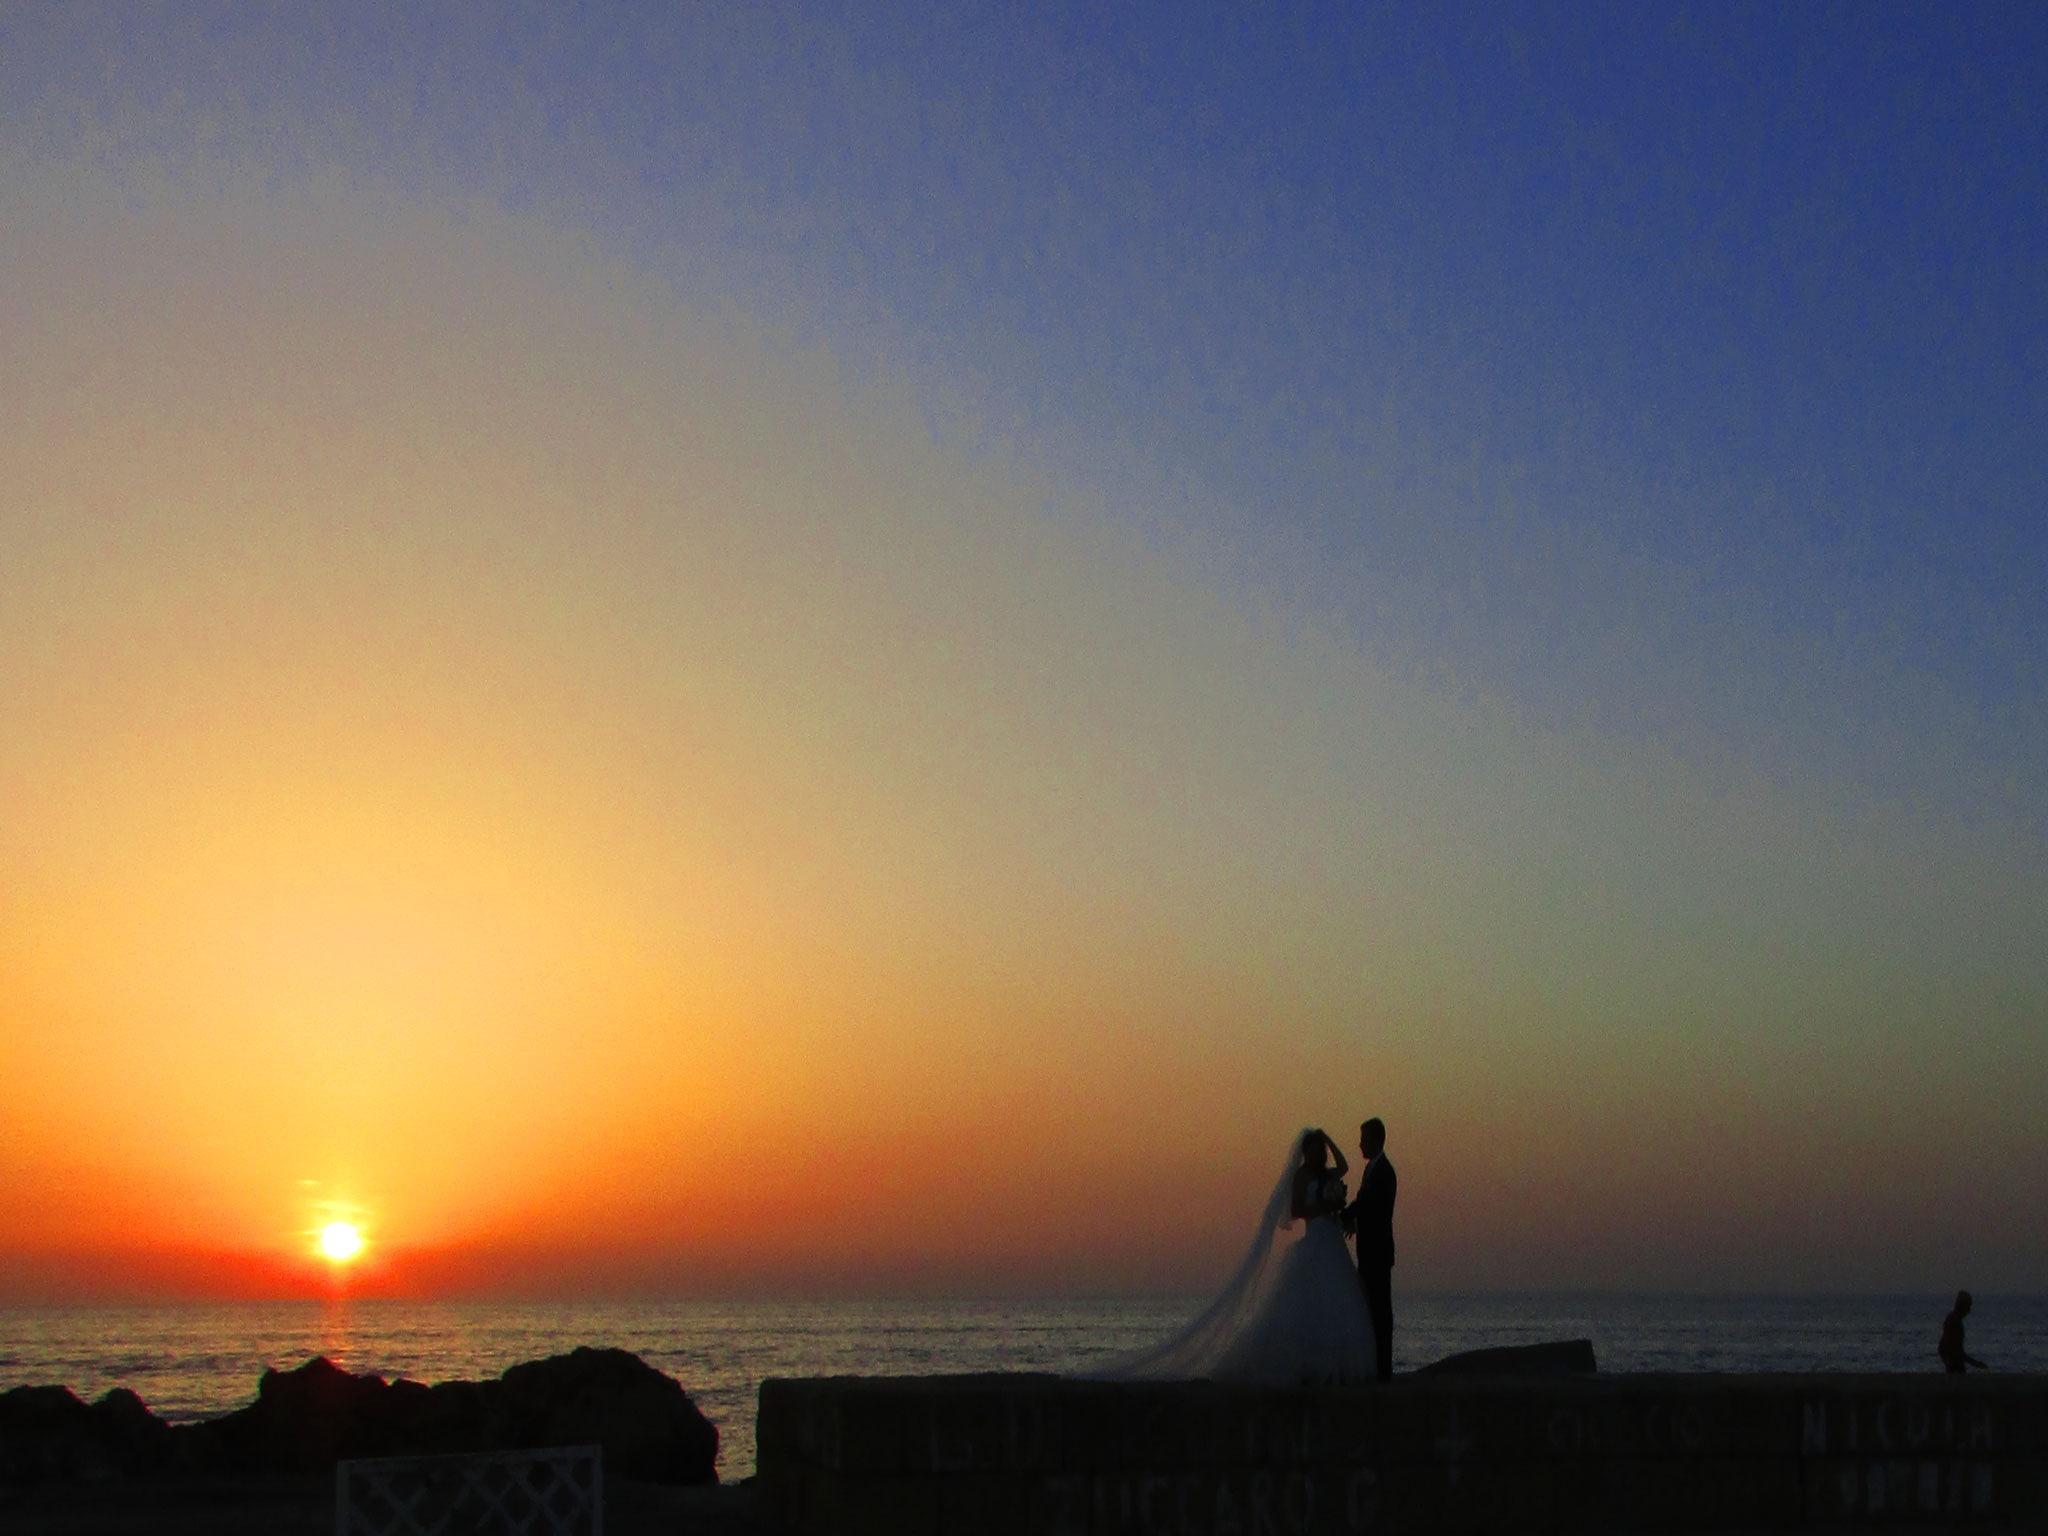 Love Sunset by garrisidaniele